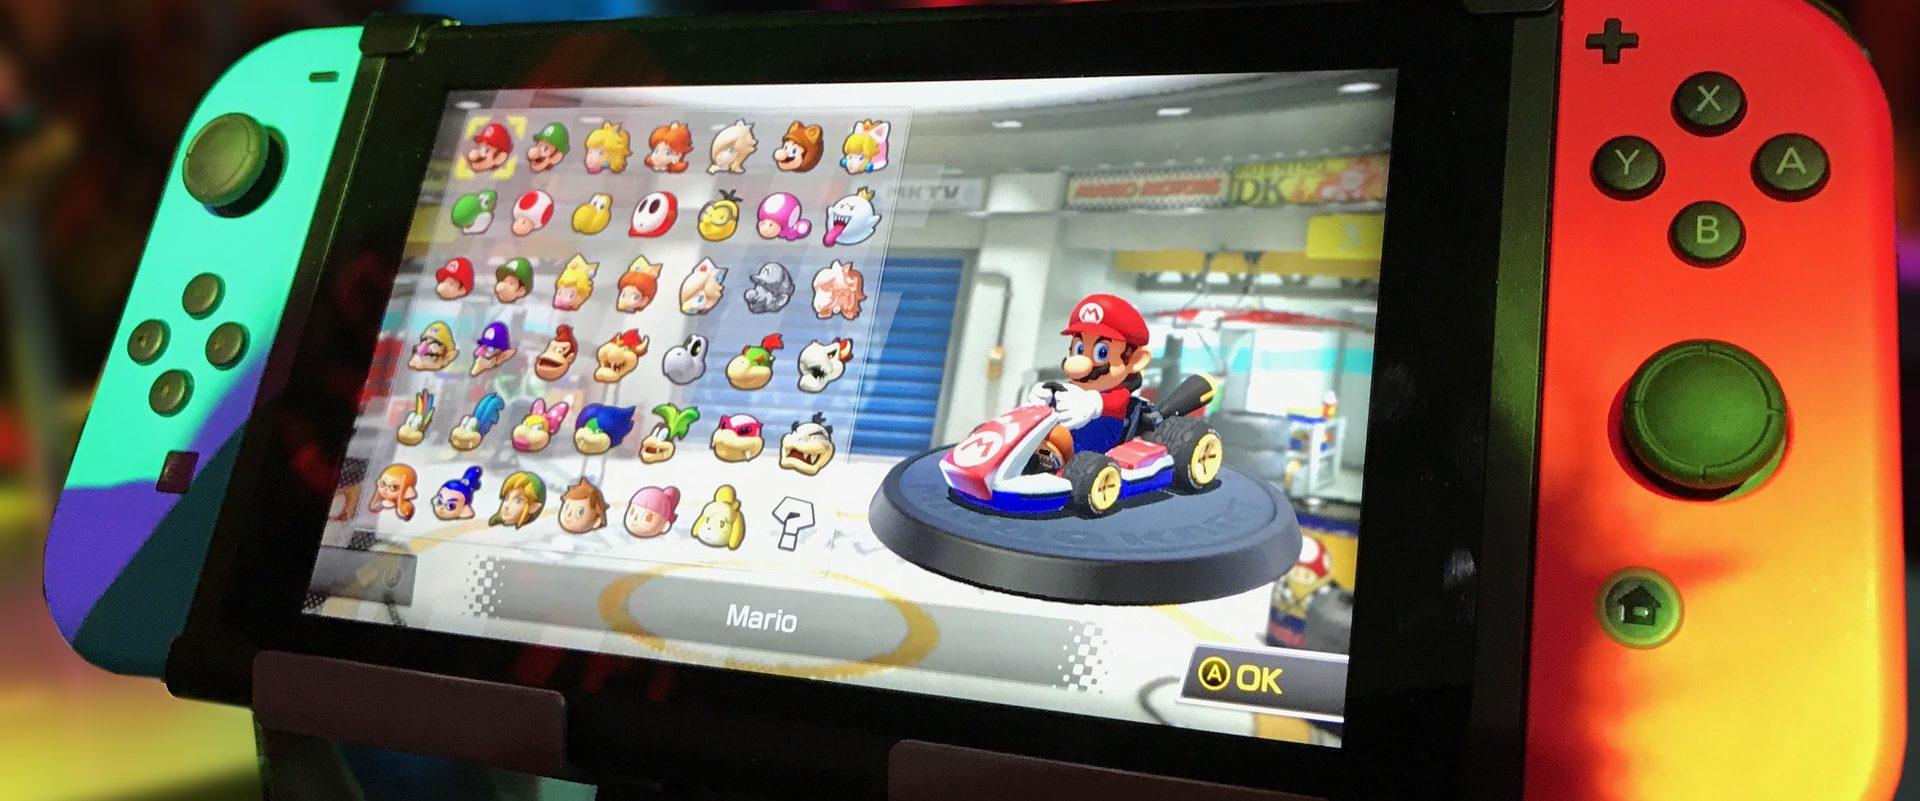 Nintendo Switch: voor- en nadelen